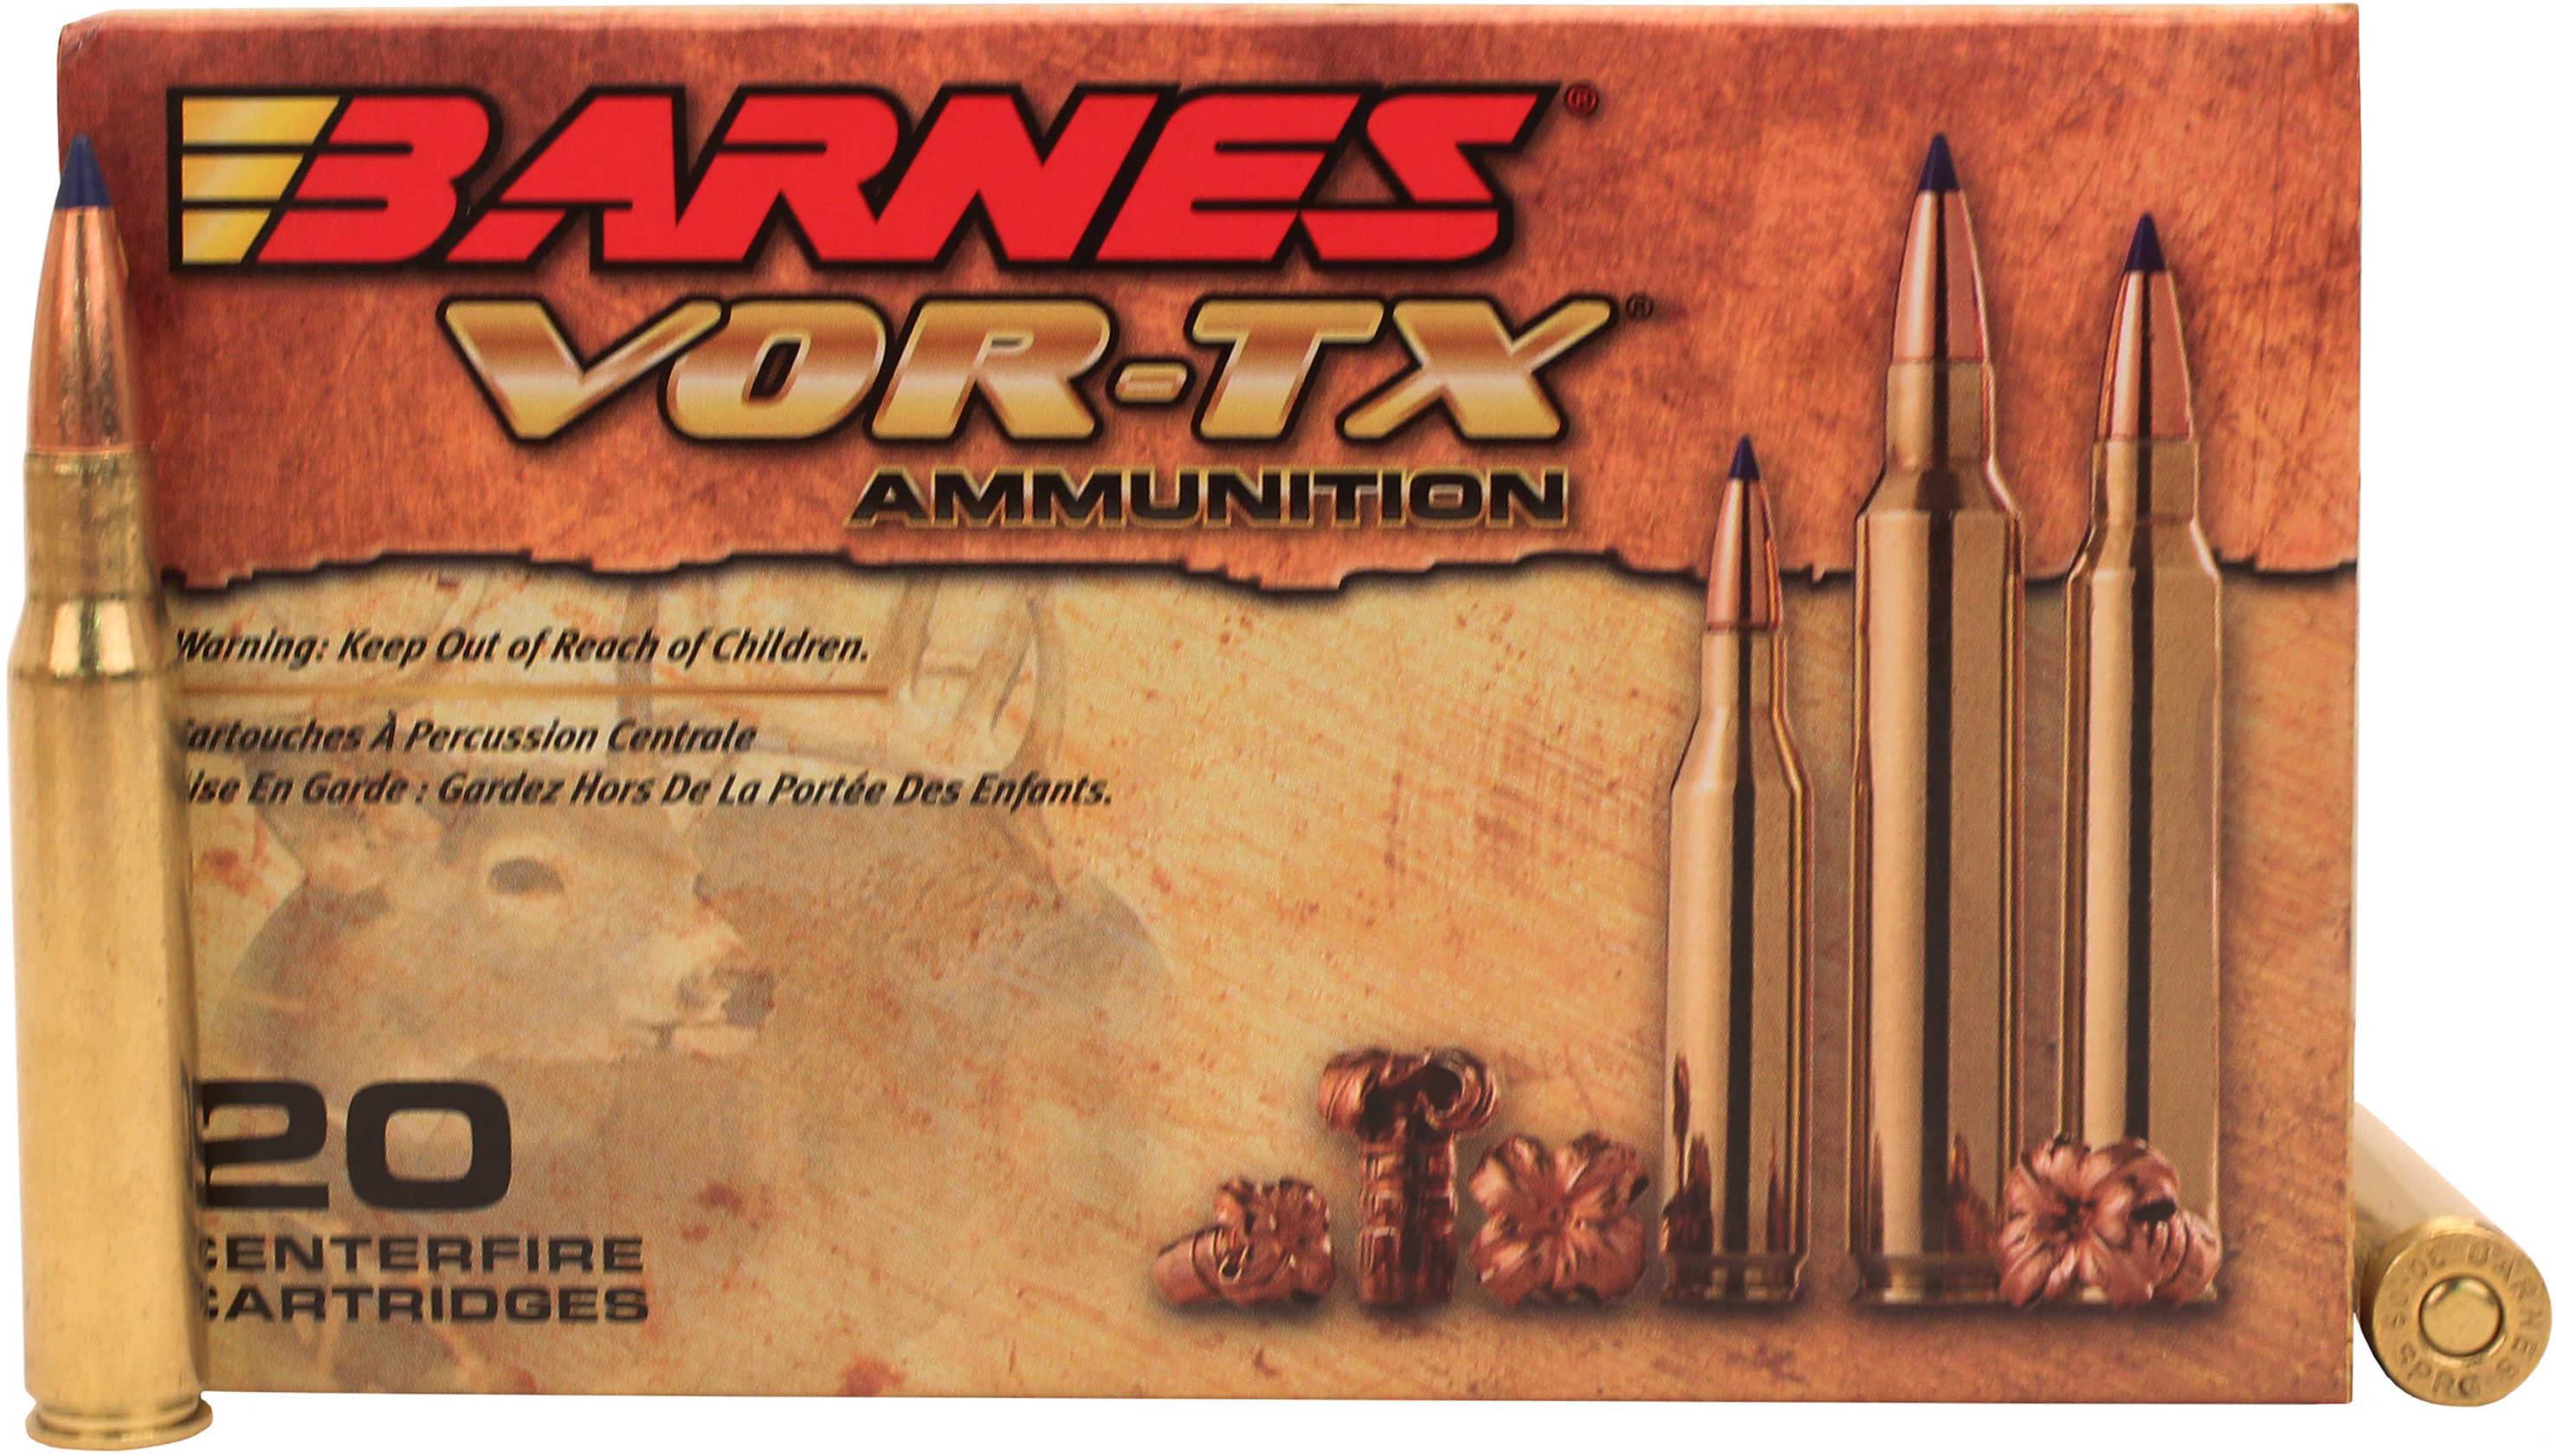 Barnes Bullets VOR-TX 30-06 Springfield Per 20 TTSX-BT 168 ...